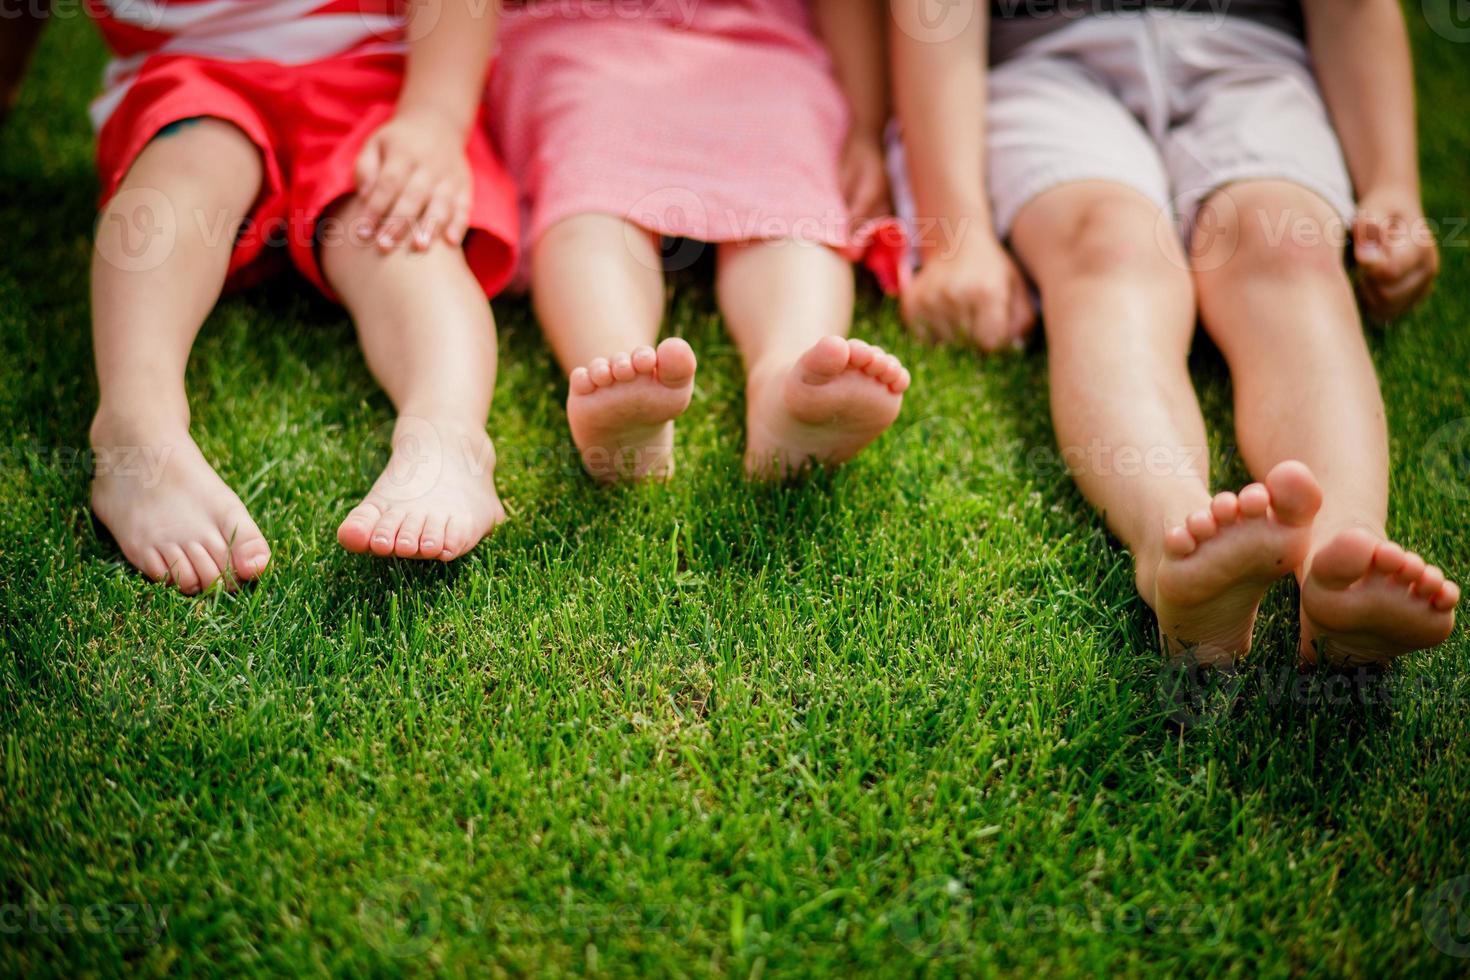 pernas nuas de meninas sentadas na grama. foto